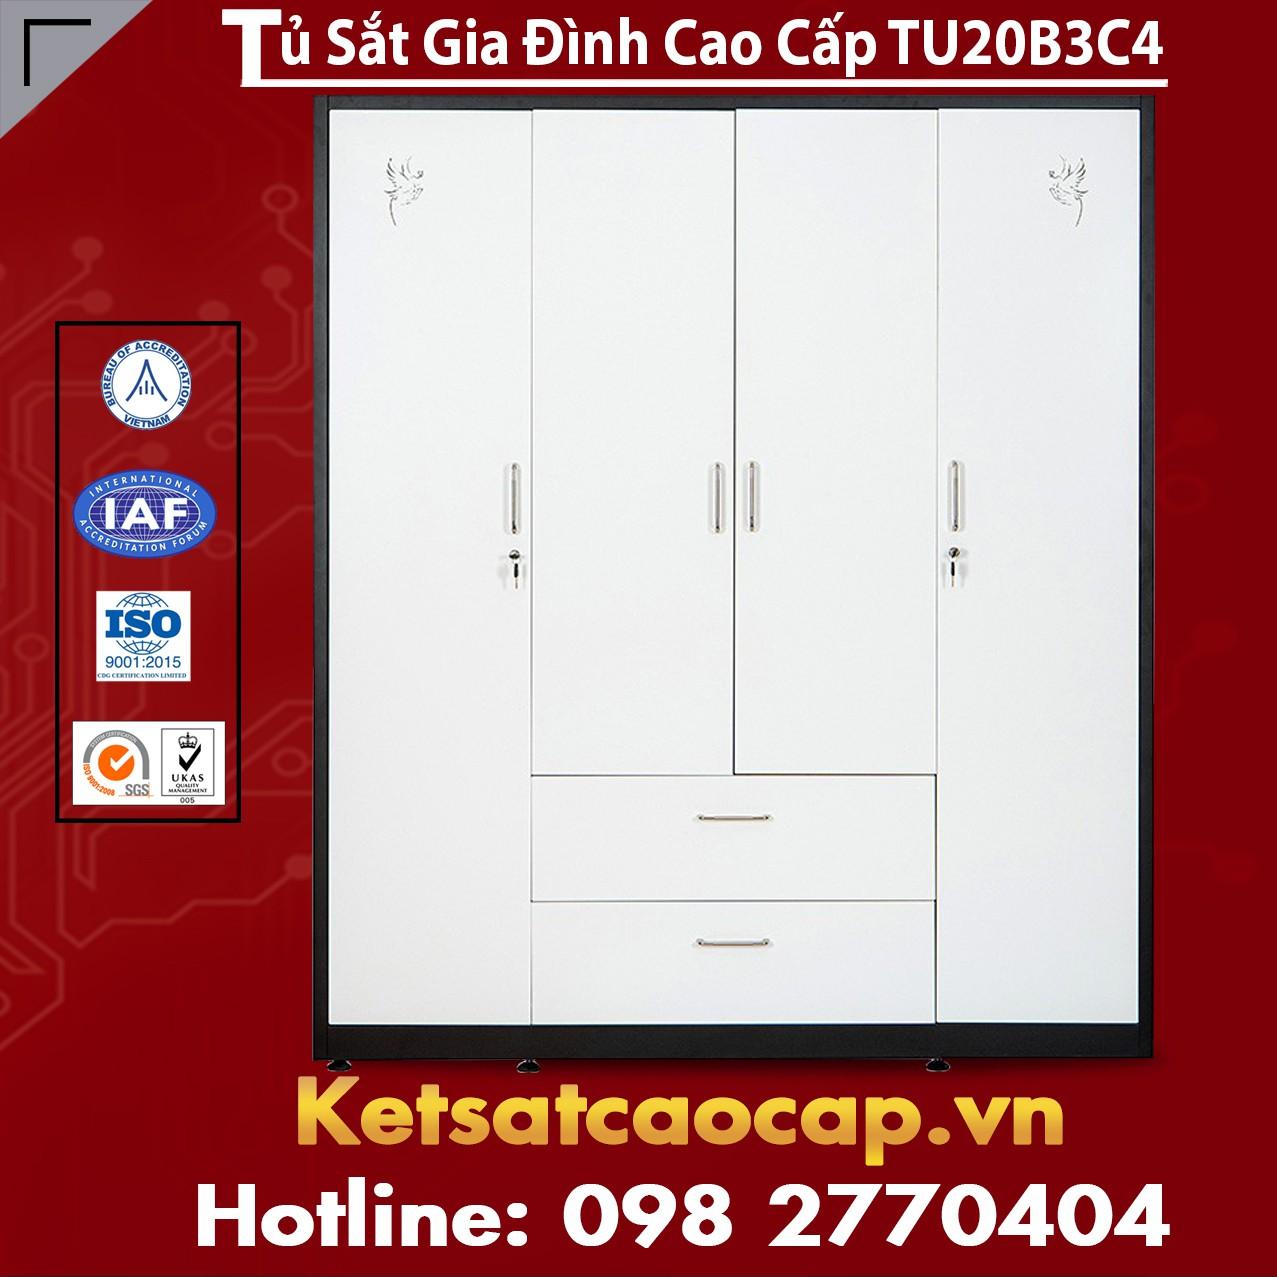 Tủ Sắt Gia Đình TU20B3C4